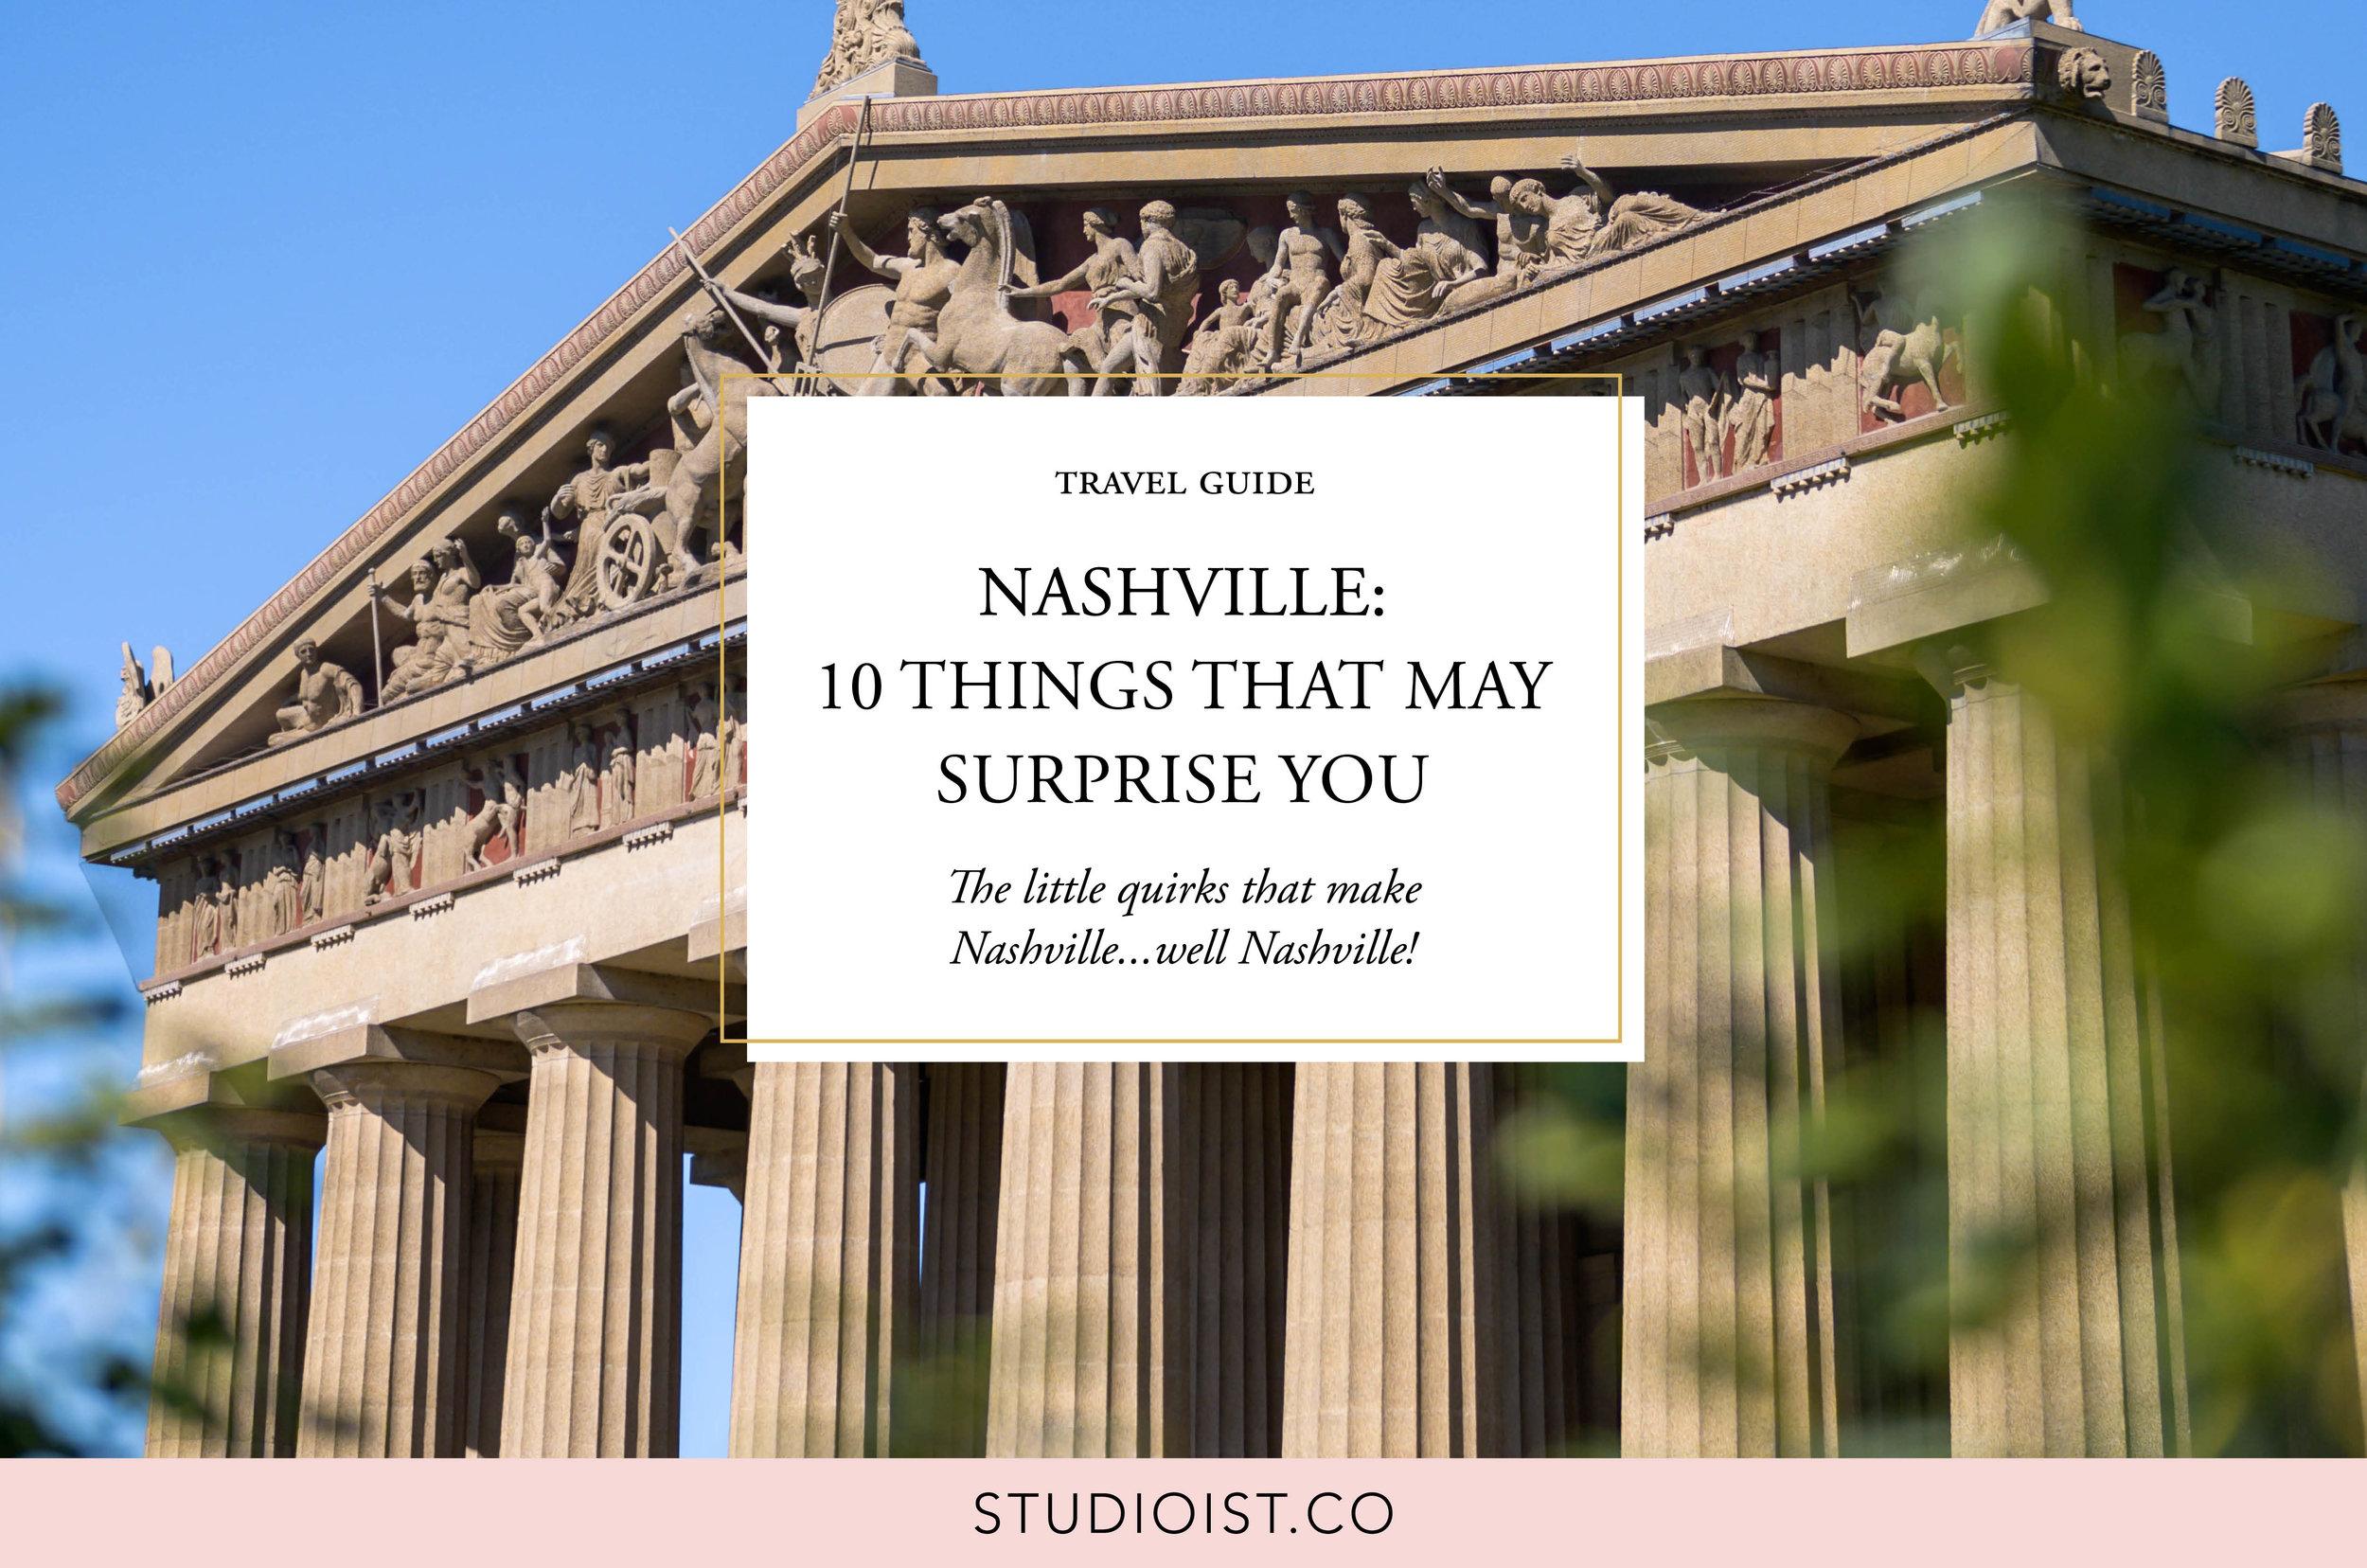 Studioist_Food Cover_Nashville Surprise Tips_small.jpg